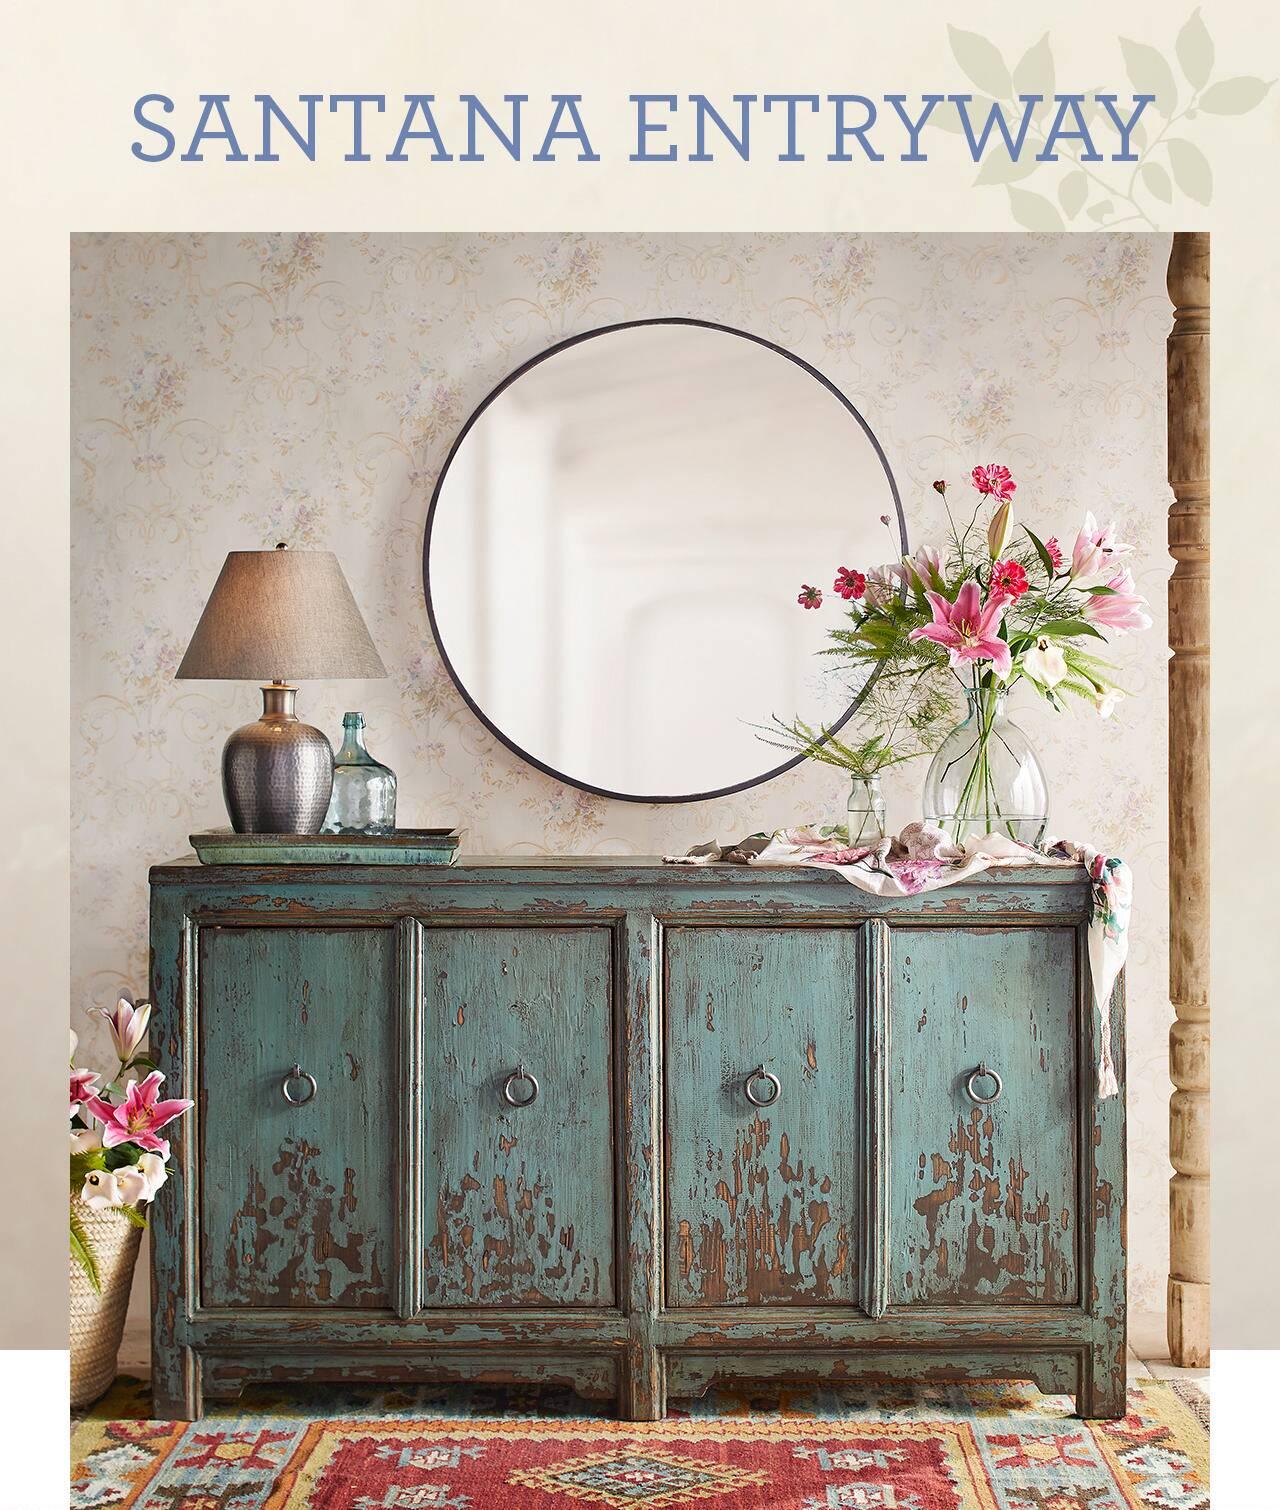 Santana Extryway